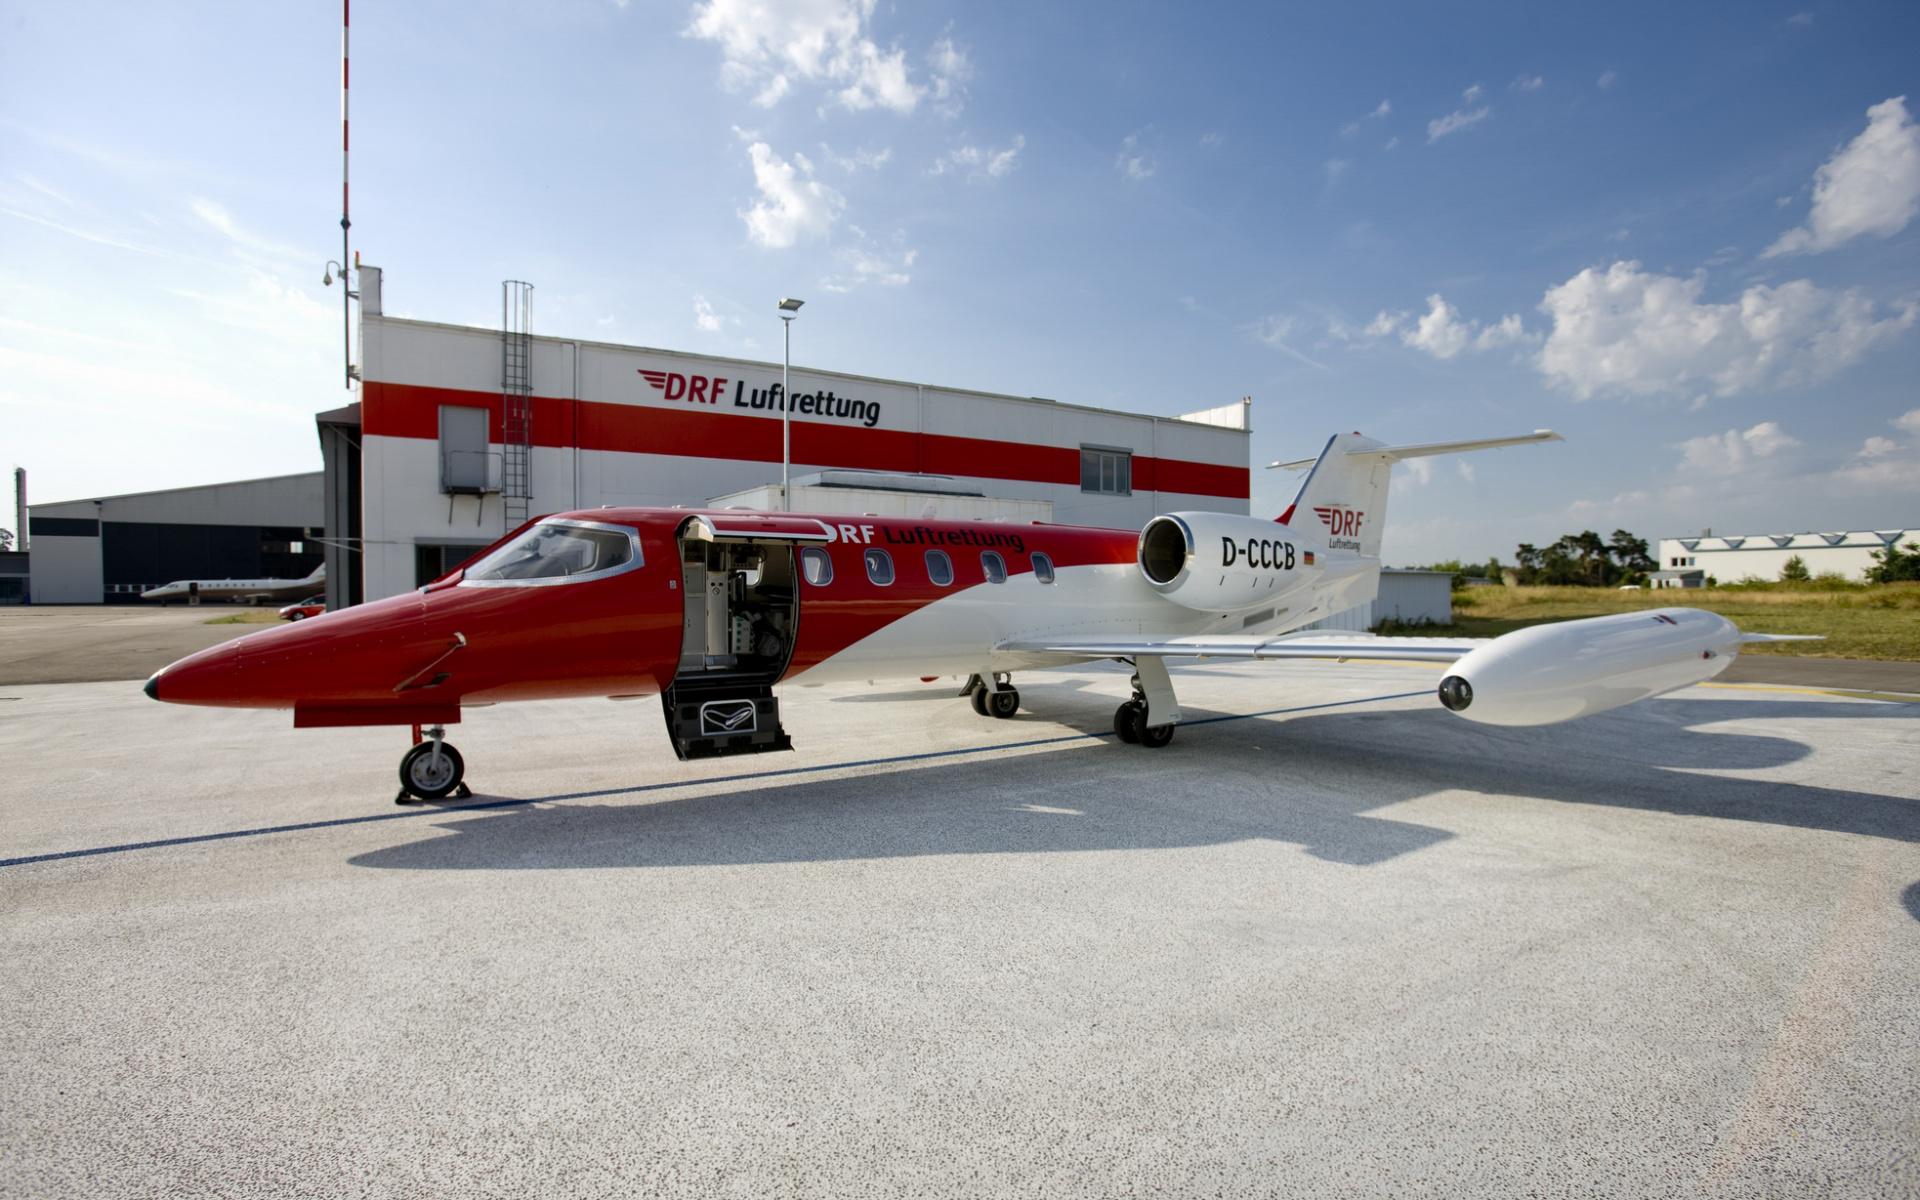 Für Repatriierungen setzt die DRF Luftrettung Learjet 35 ein. Foto: DRF Luftrettung